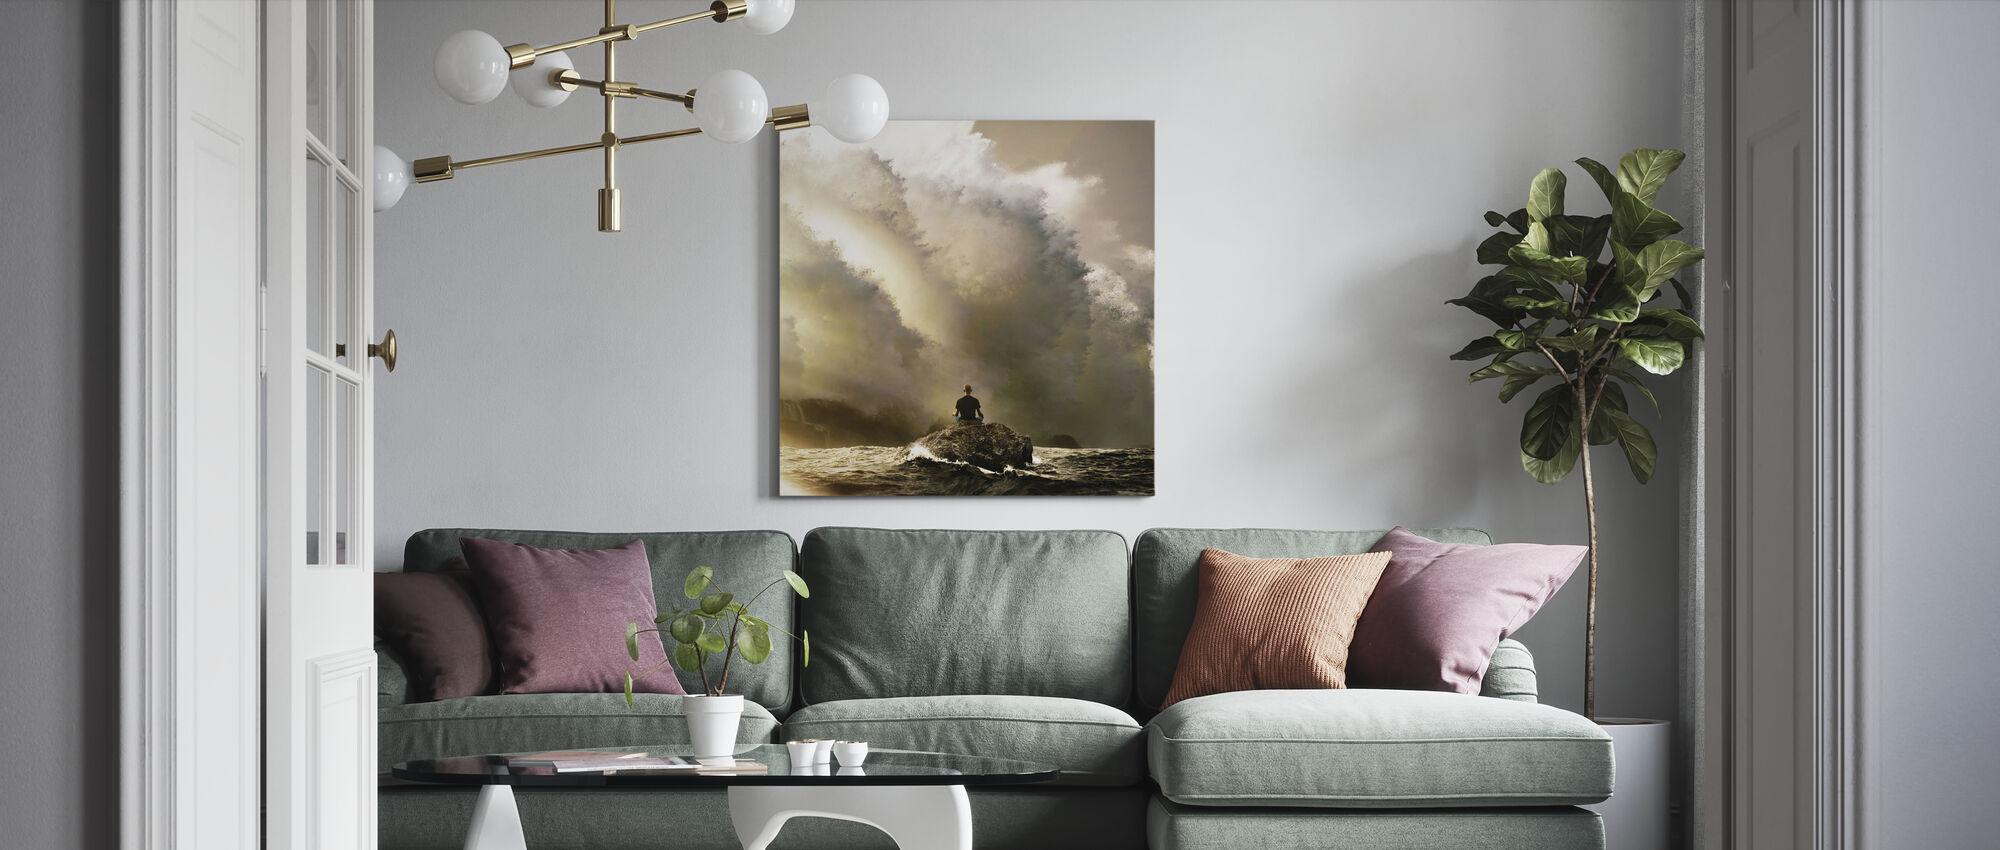 Långsam andning - Canvastavla - Vardagsrum